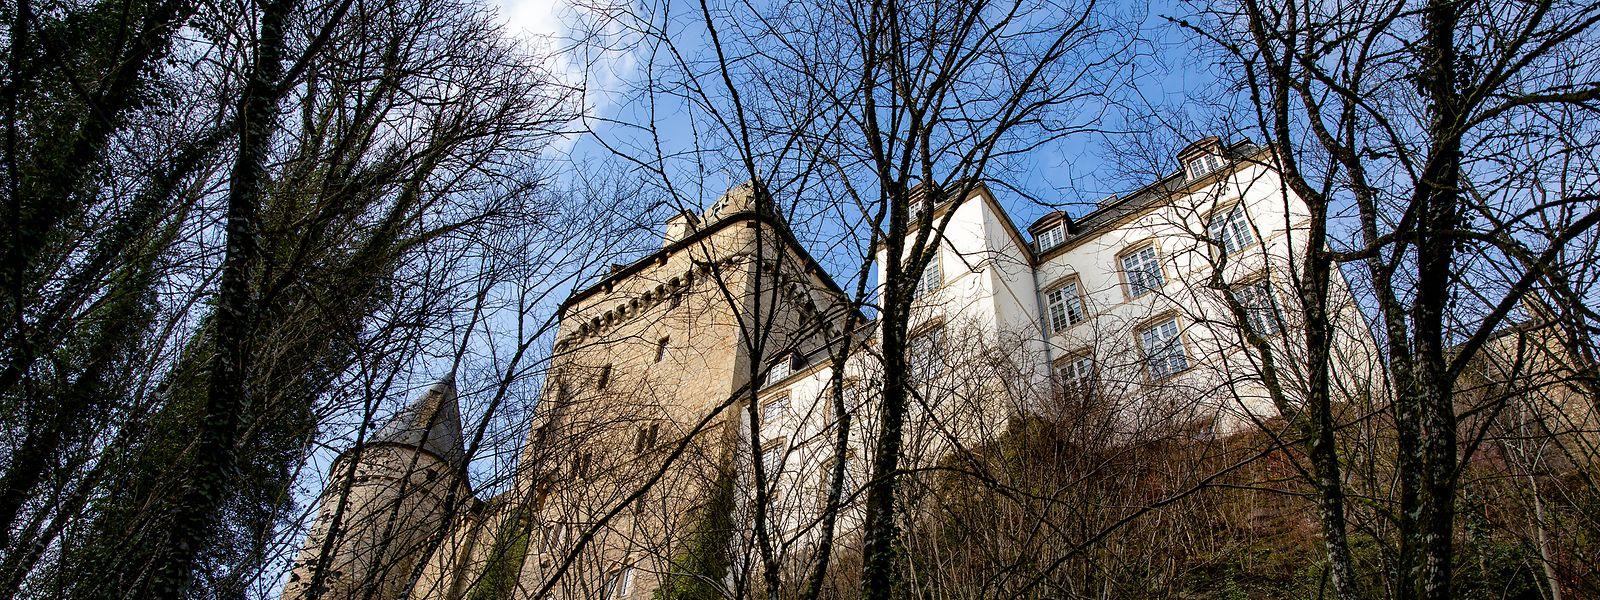 Von den ursprünglichen Bauten sind heute unter anderem noch der Wohnturm und der runde Eckturm erhalten.